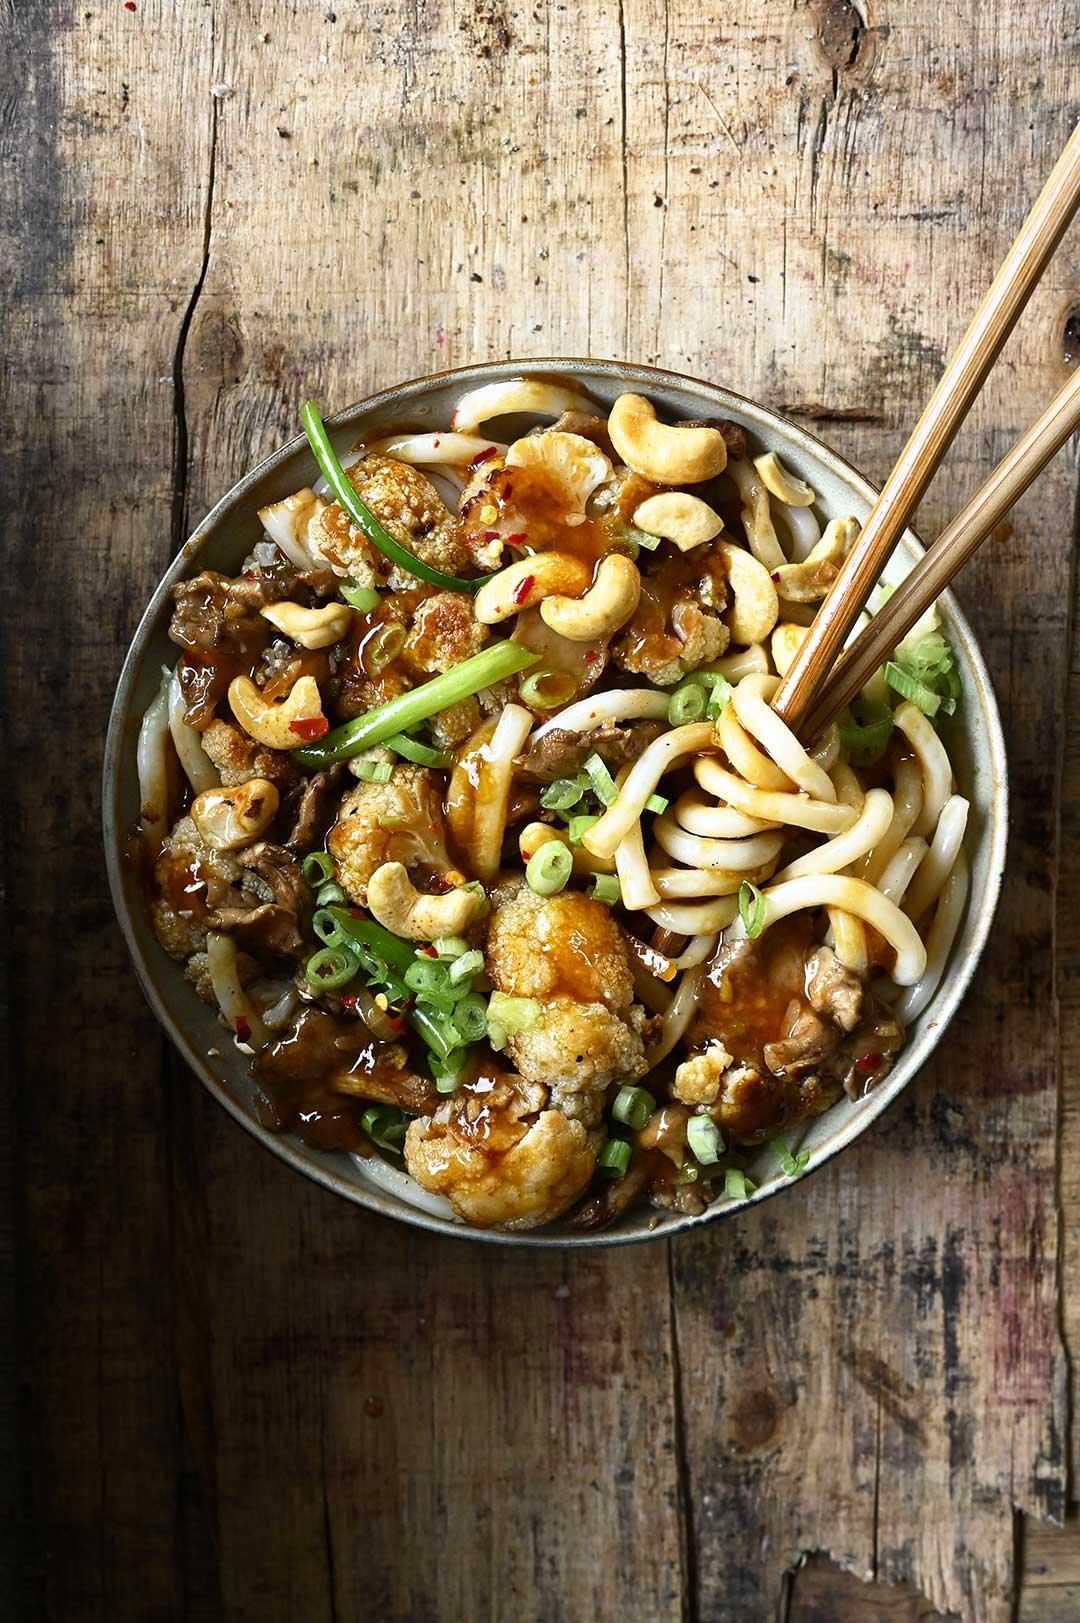 serving dumplings | Bloemkool Kung Pao